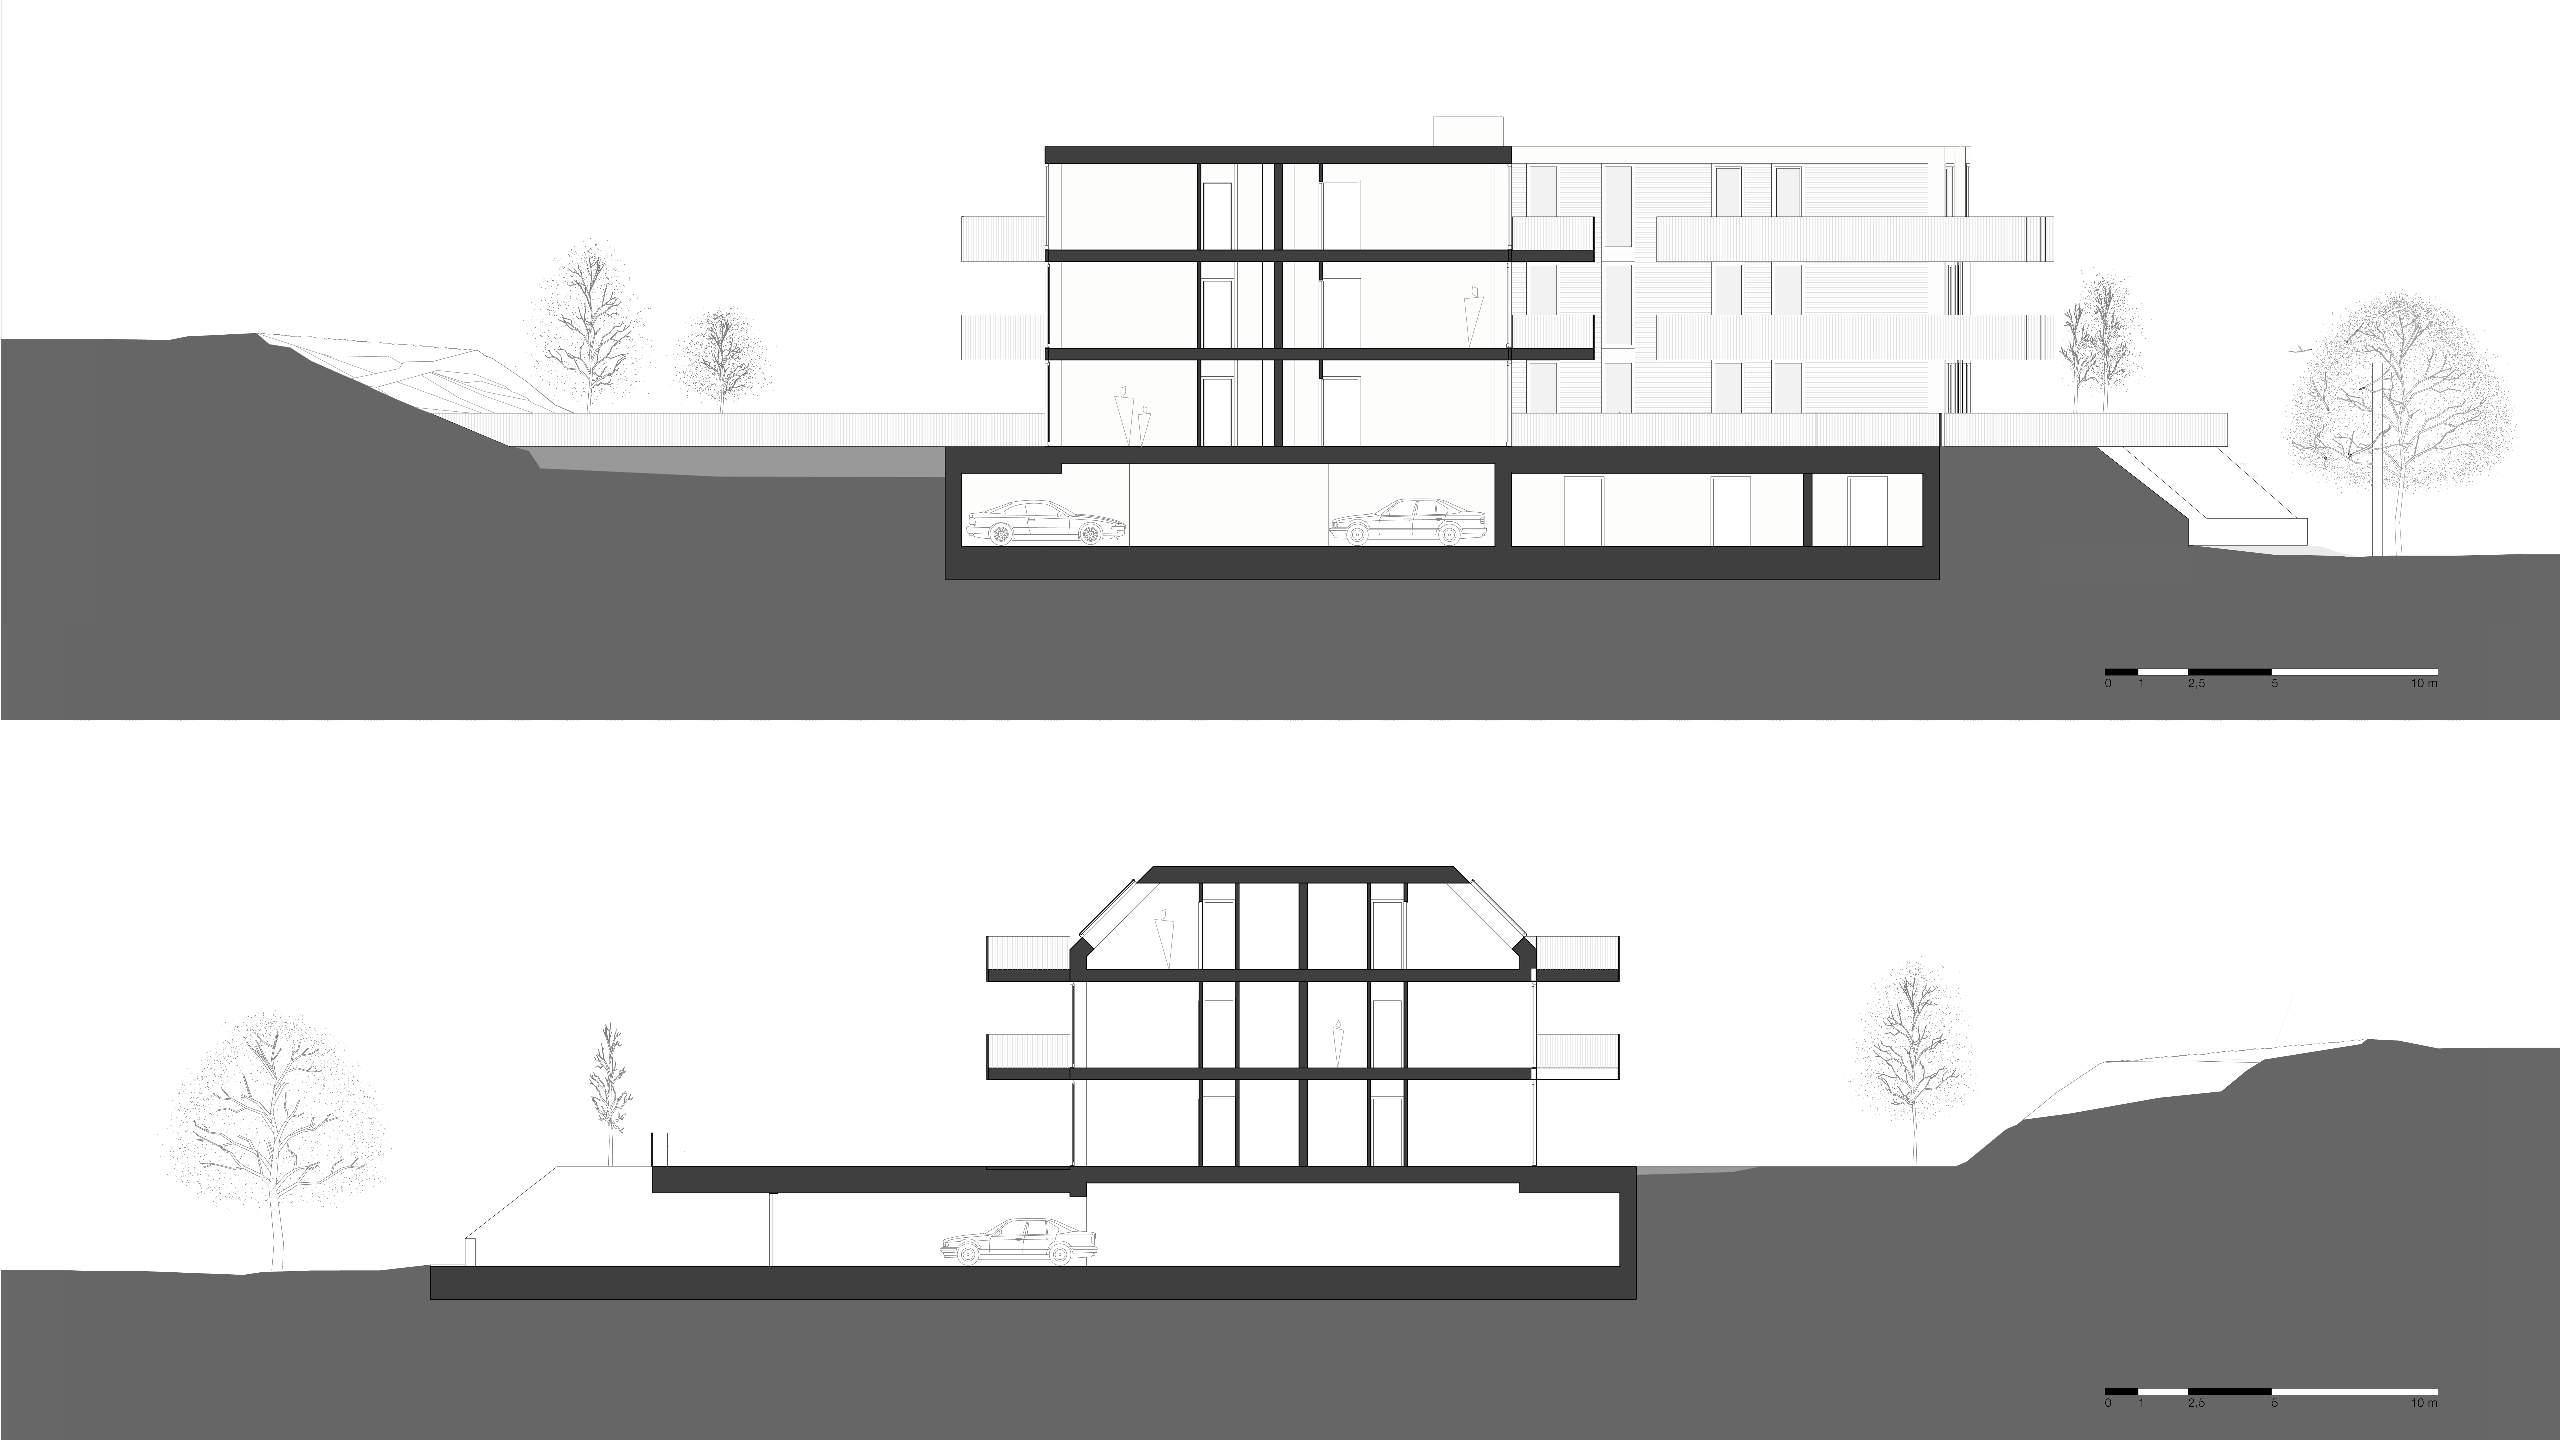 LIEGLER TAKEH ARCHITEKTEN Projekt Gersthoferstraße Plan Schnitt